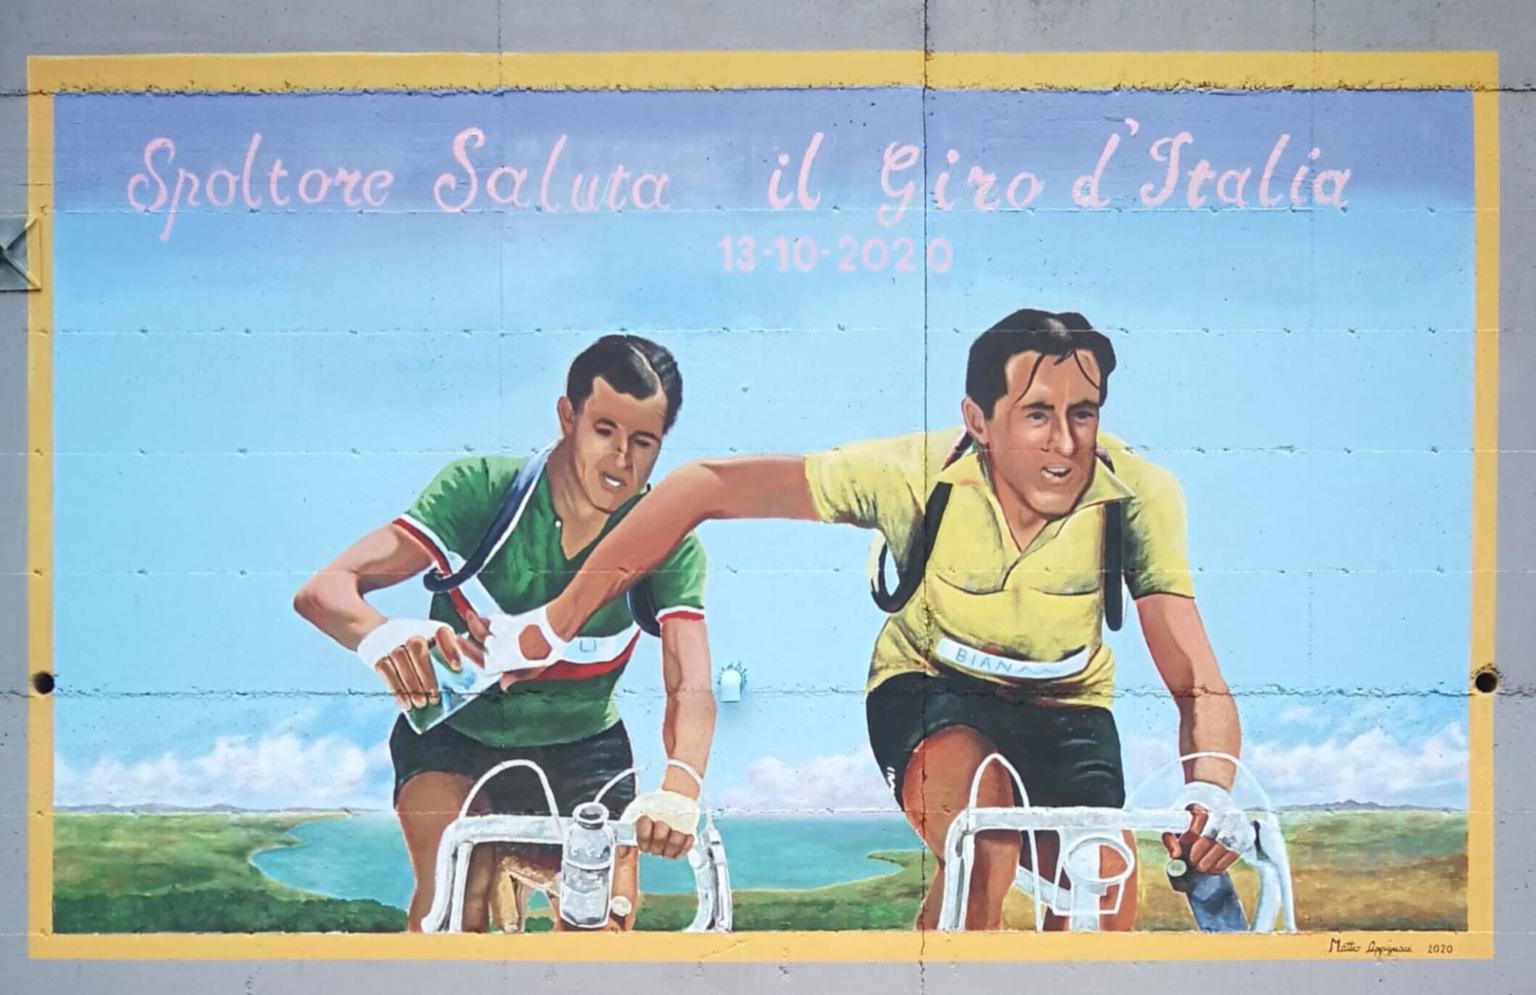 Pittura murale in occasione del passaggio del giro d'Italia per la prima volta a Spoltore, dimensioni 6 metri x 3,5 metri